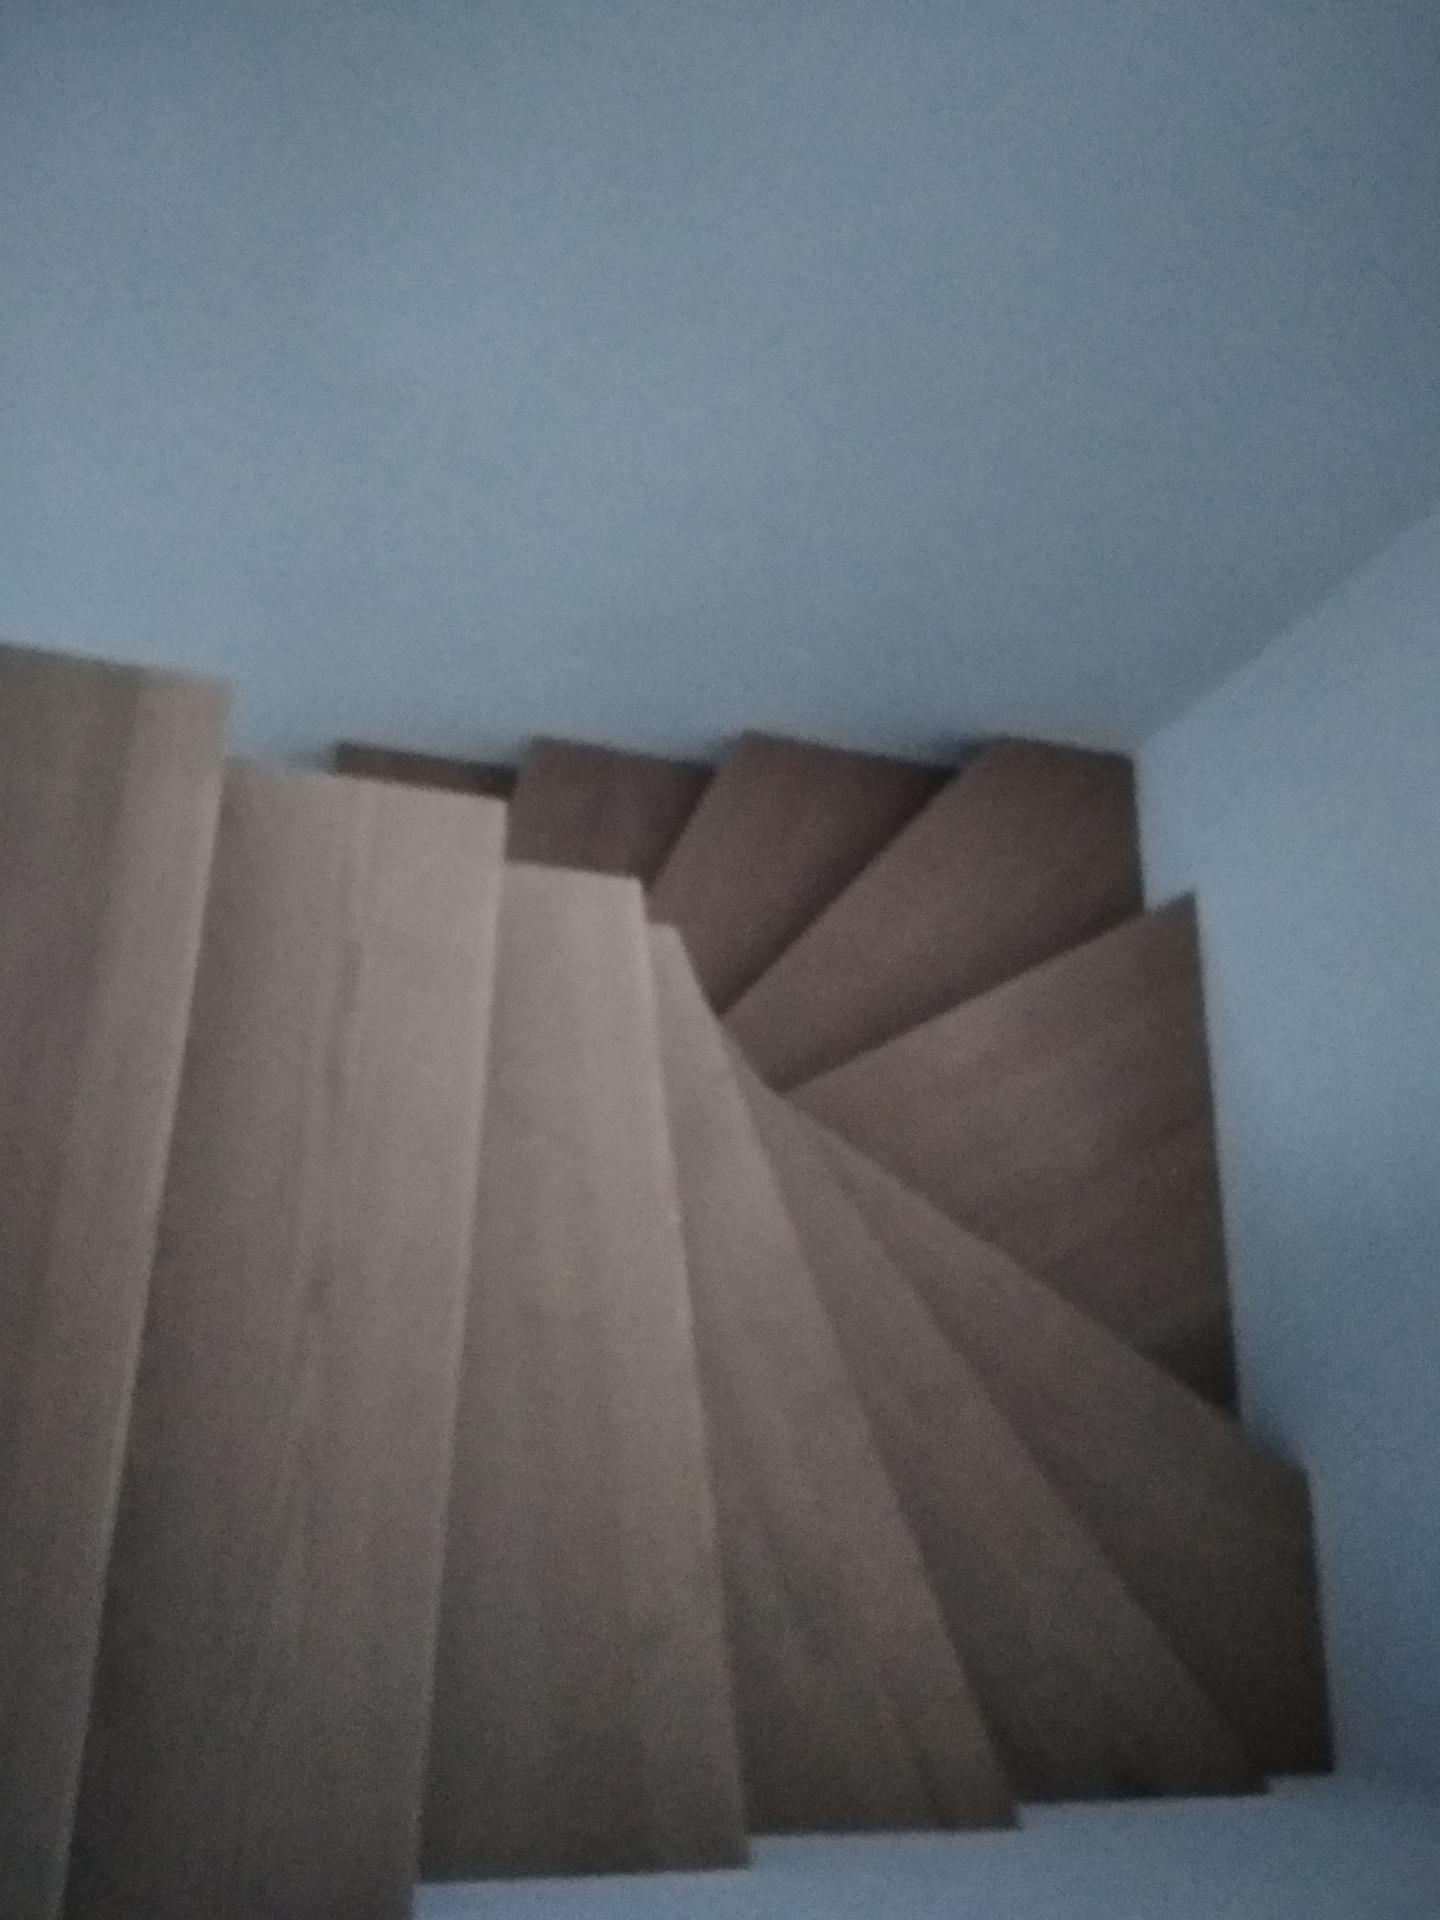 Výroba drevených schodov, pozri môj profil - Obrázok č. 3